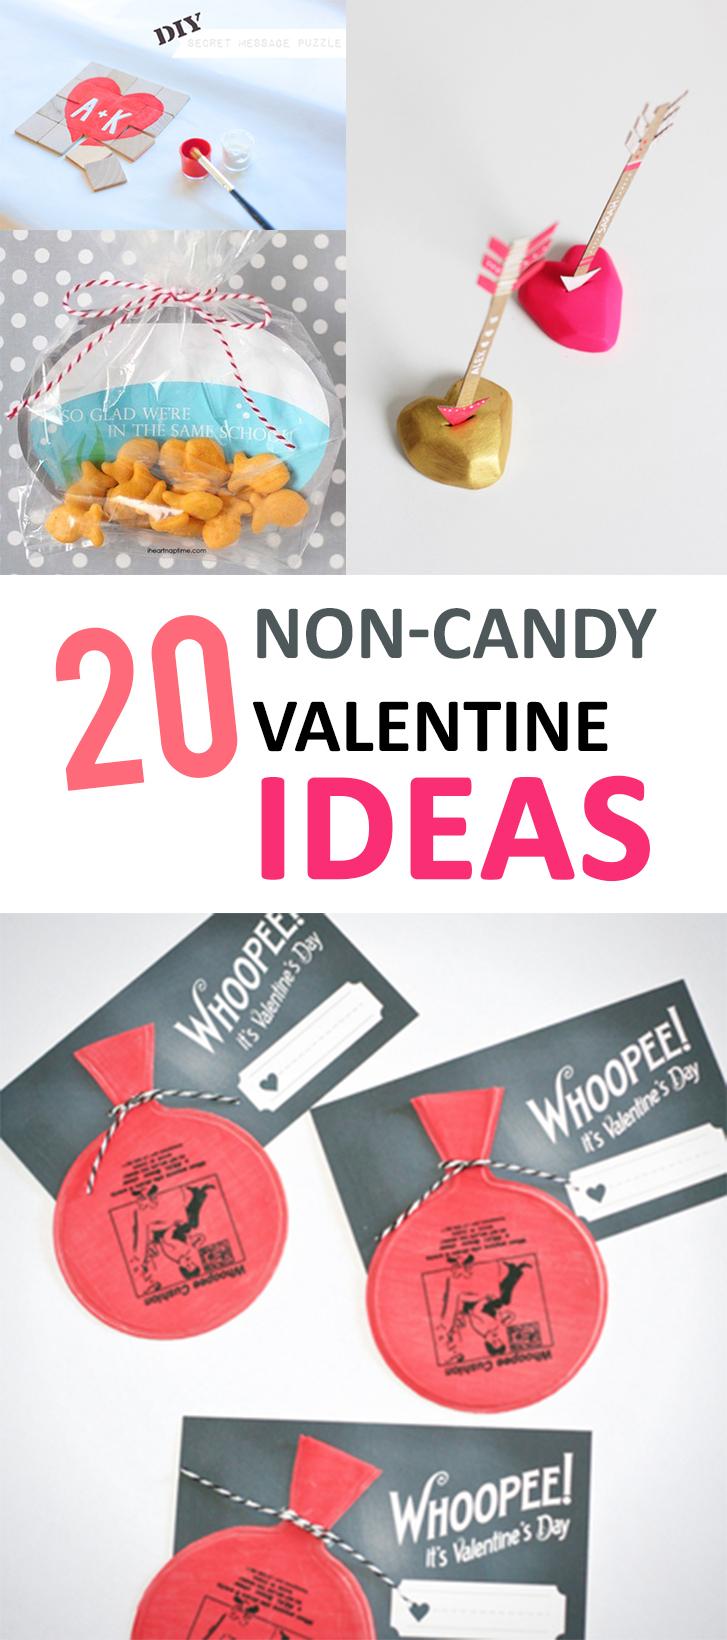 20 Non-Candy Valentine Ideas (1)